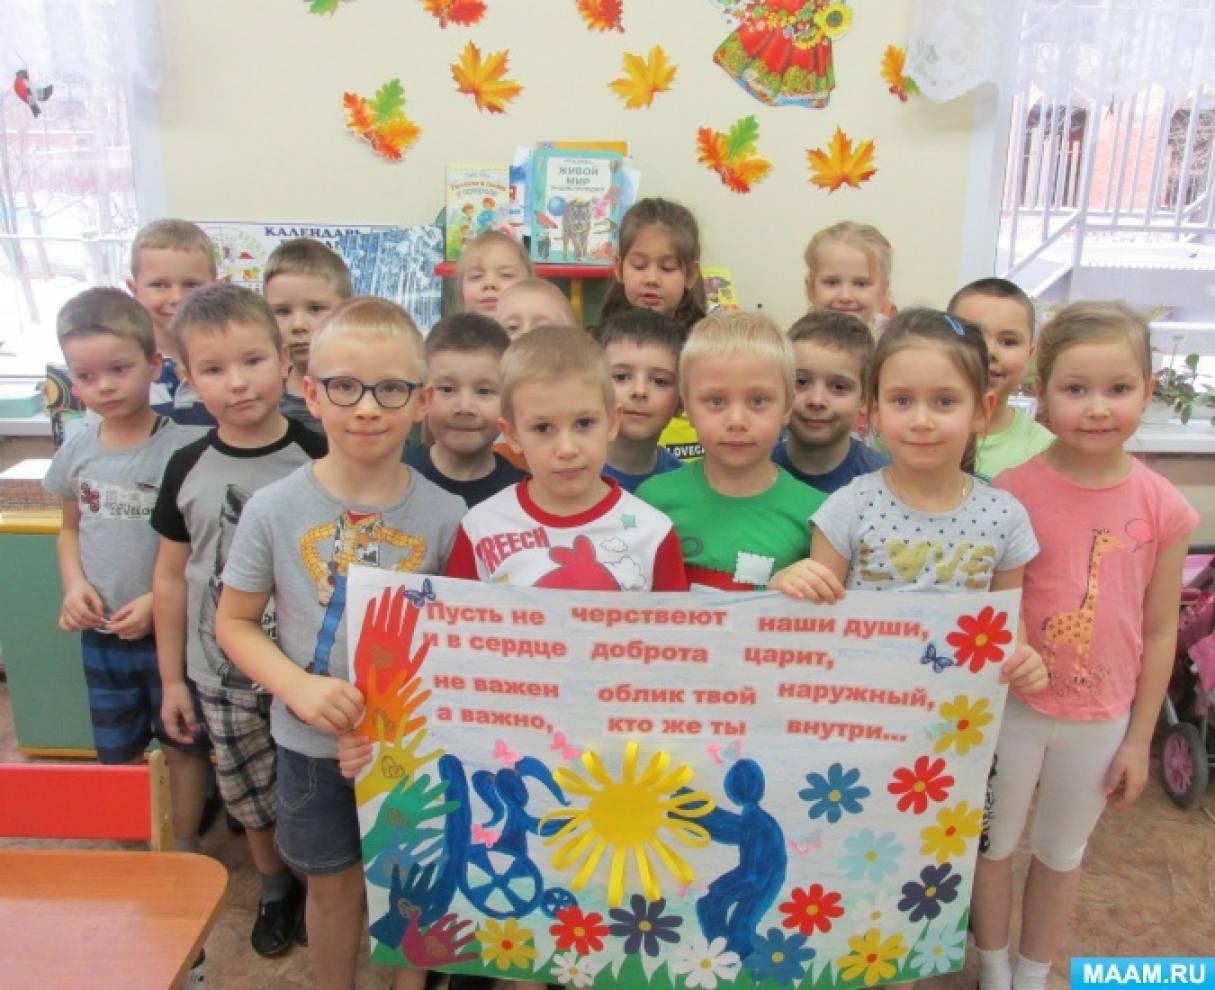 Детский мастер-класс по коллажу к Международному Дню инвалидов в подготовительной к школе группе